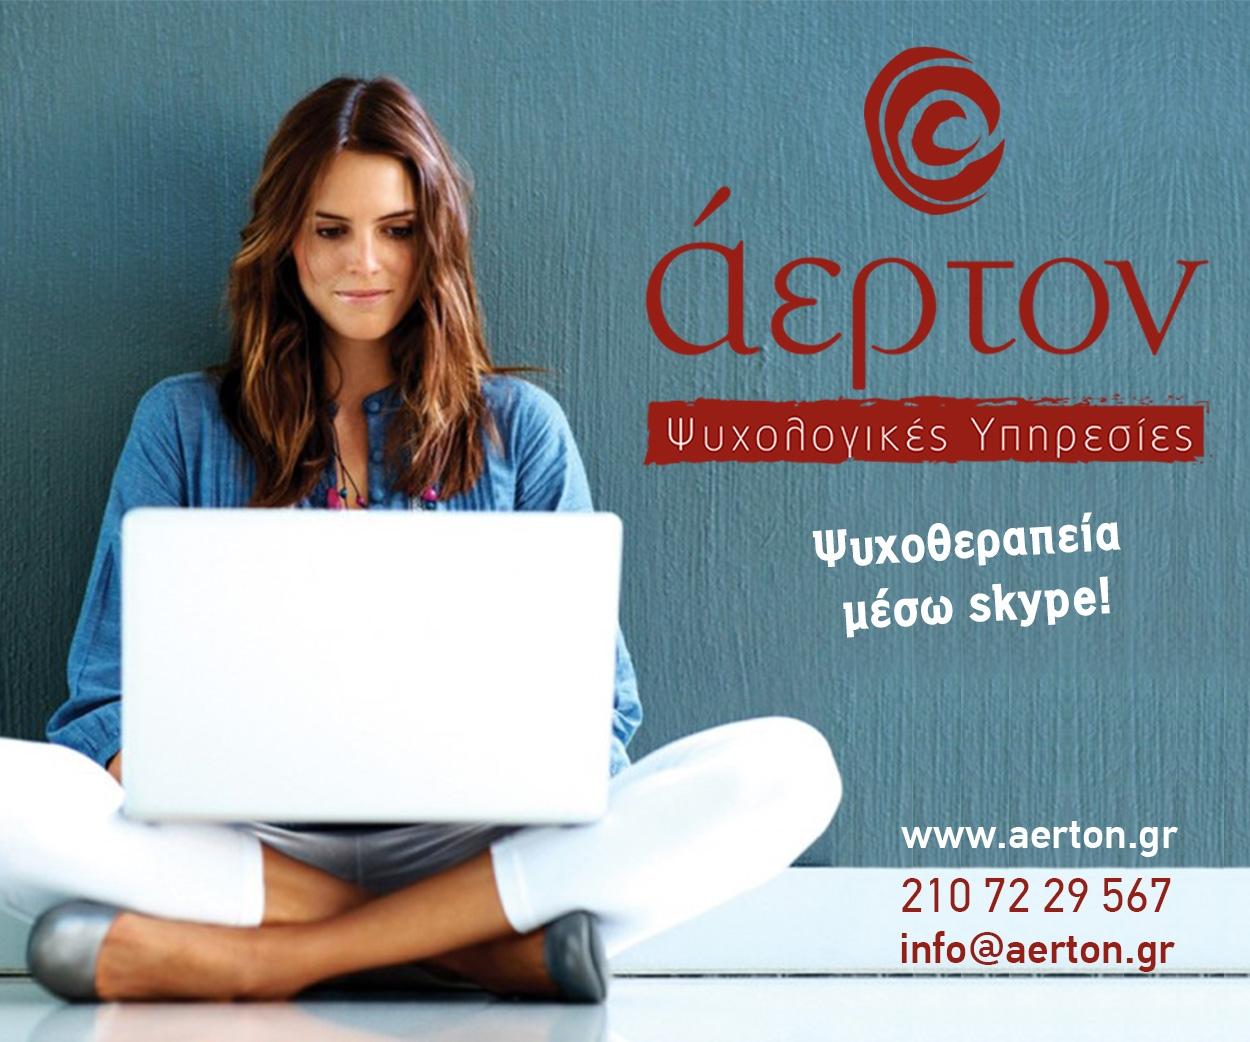 Ψυχοθεραπεία μέσω Skype για τους Έλληνες της Ομογένειας